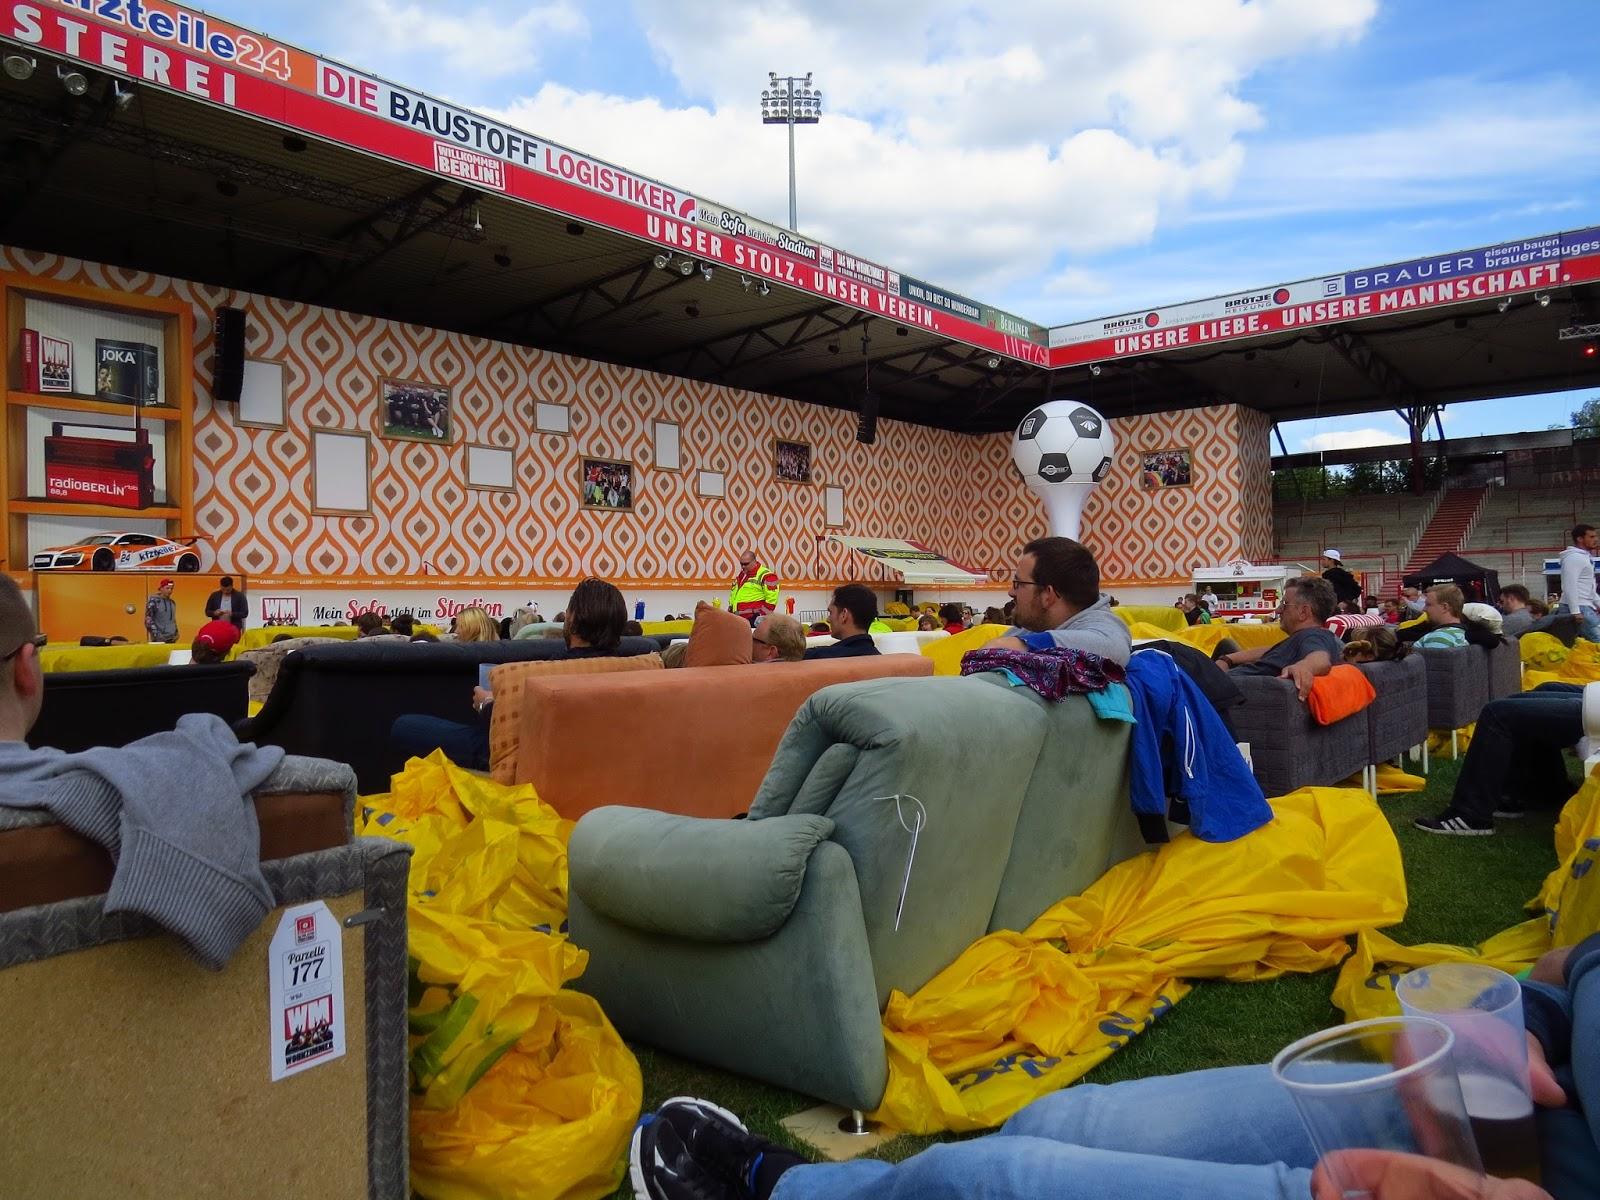 Das WM Wohnzimmer An Der Alten Frsterei In Berlin Kpenick Besticht Wirklich Durch Eine Einmalige Atmosphre Im Nchsten Muss Die